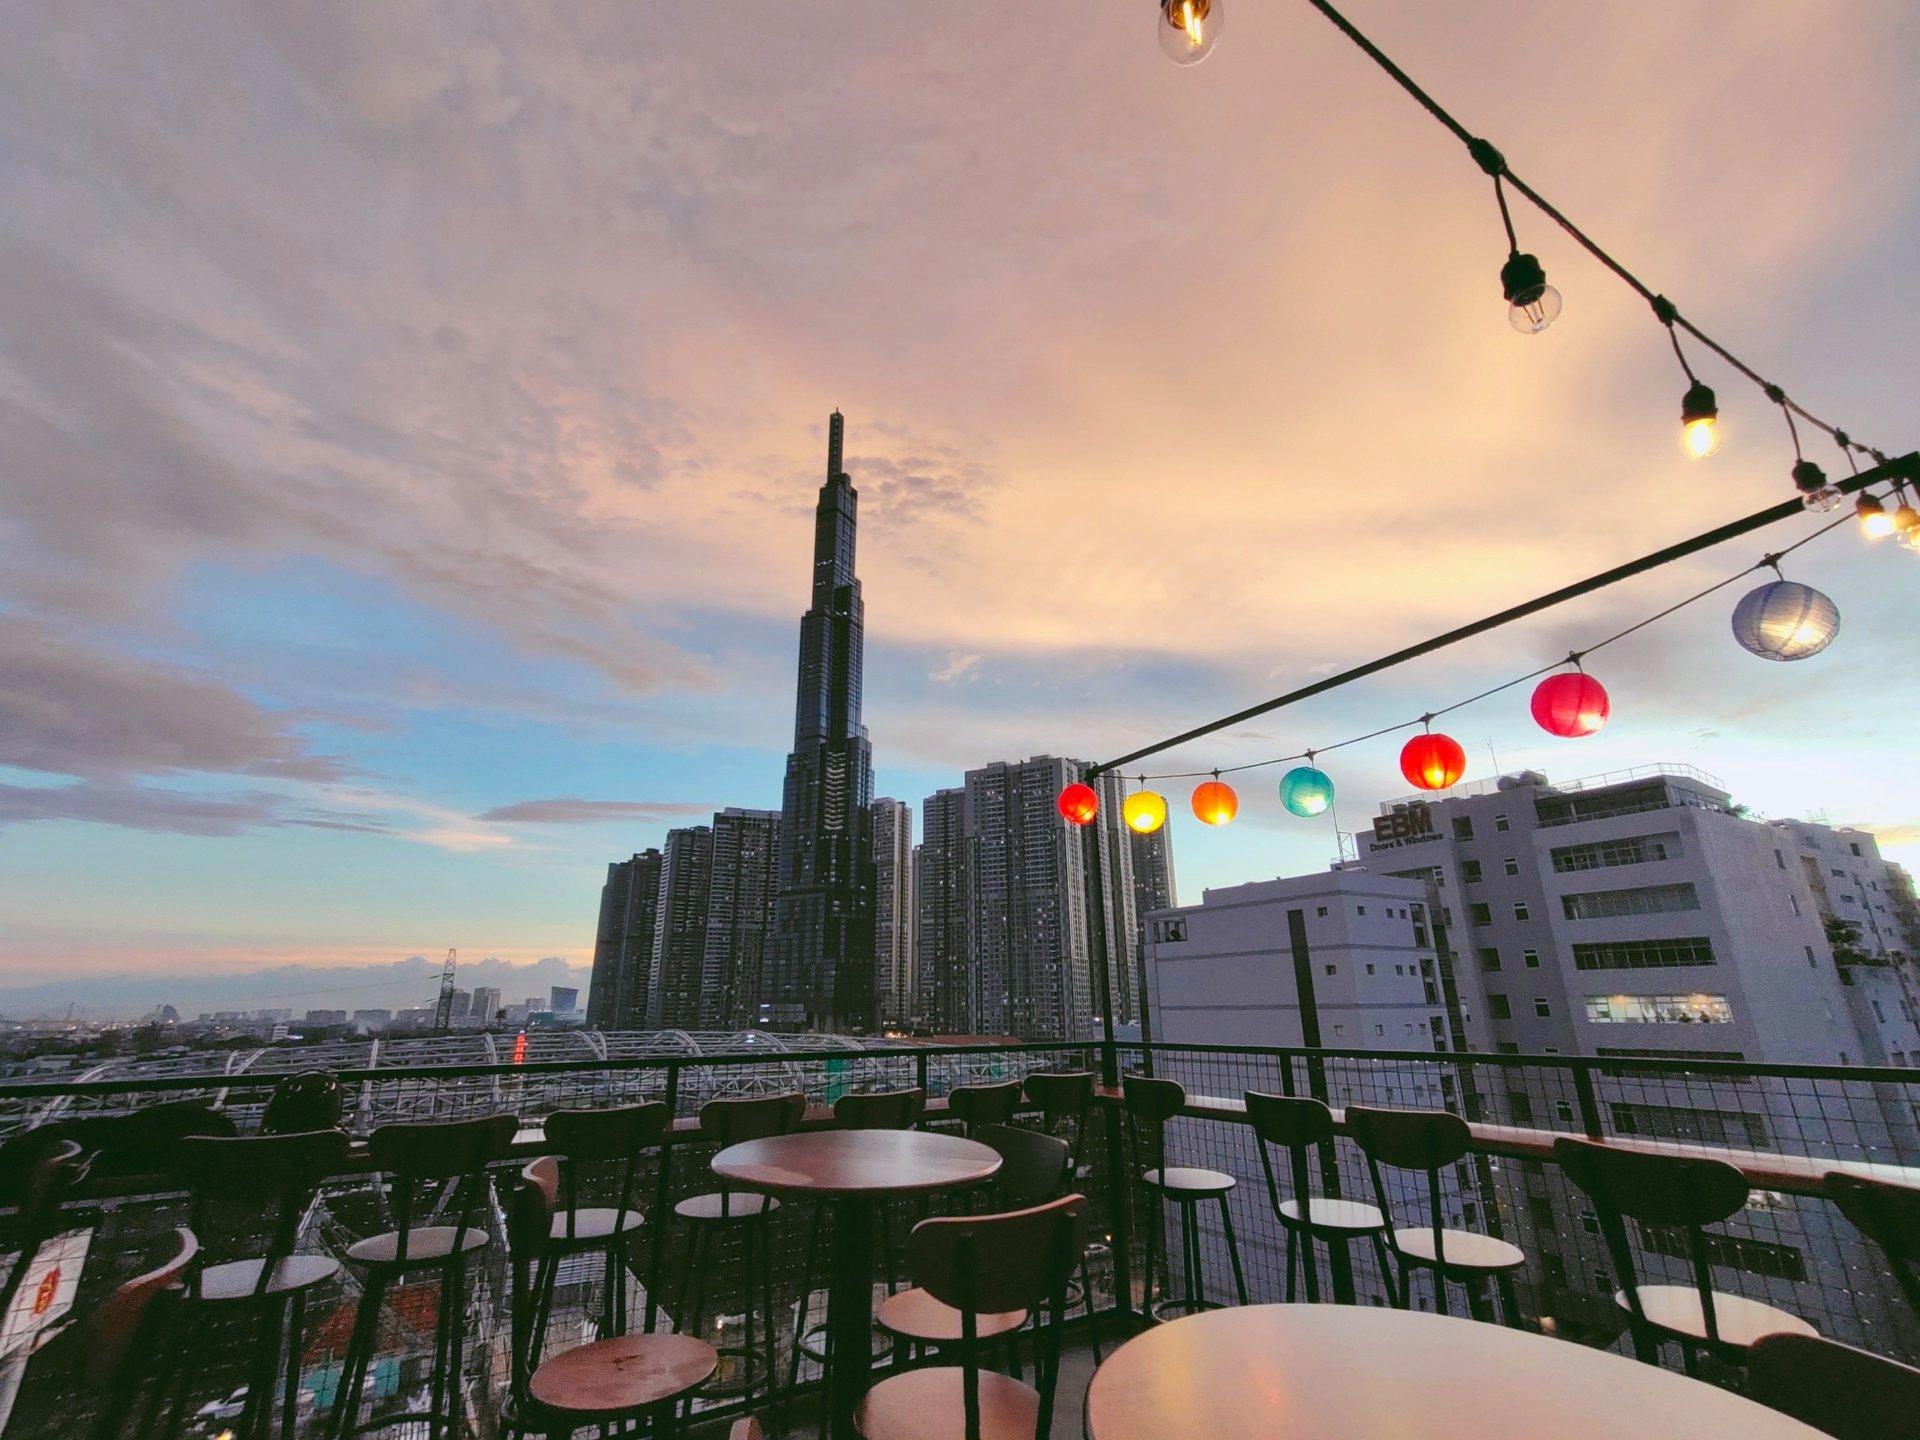 Lưu trọn khoảnh khắc chào năm mới với 15 quán cafe bar view đẹp ngắm pháo hoa  - Ảnh 10.